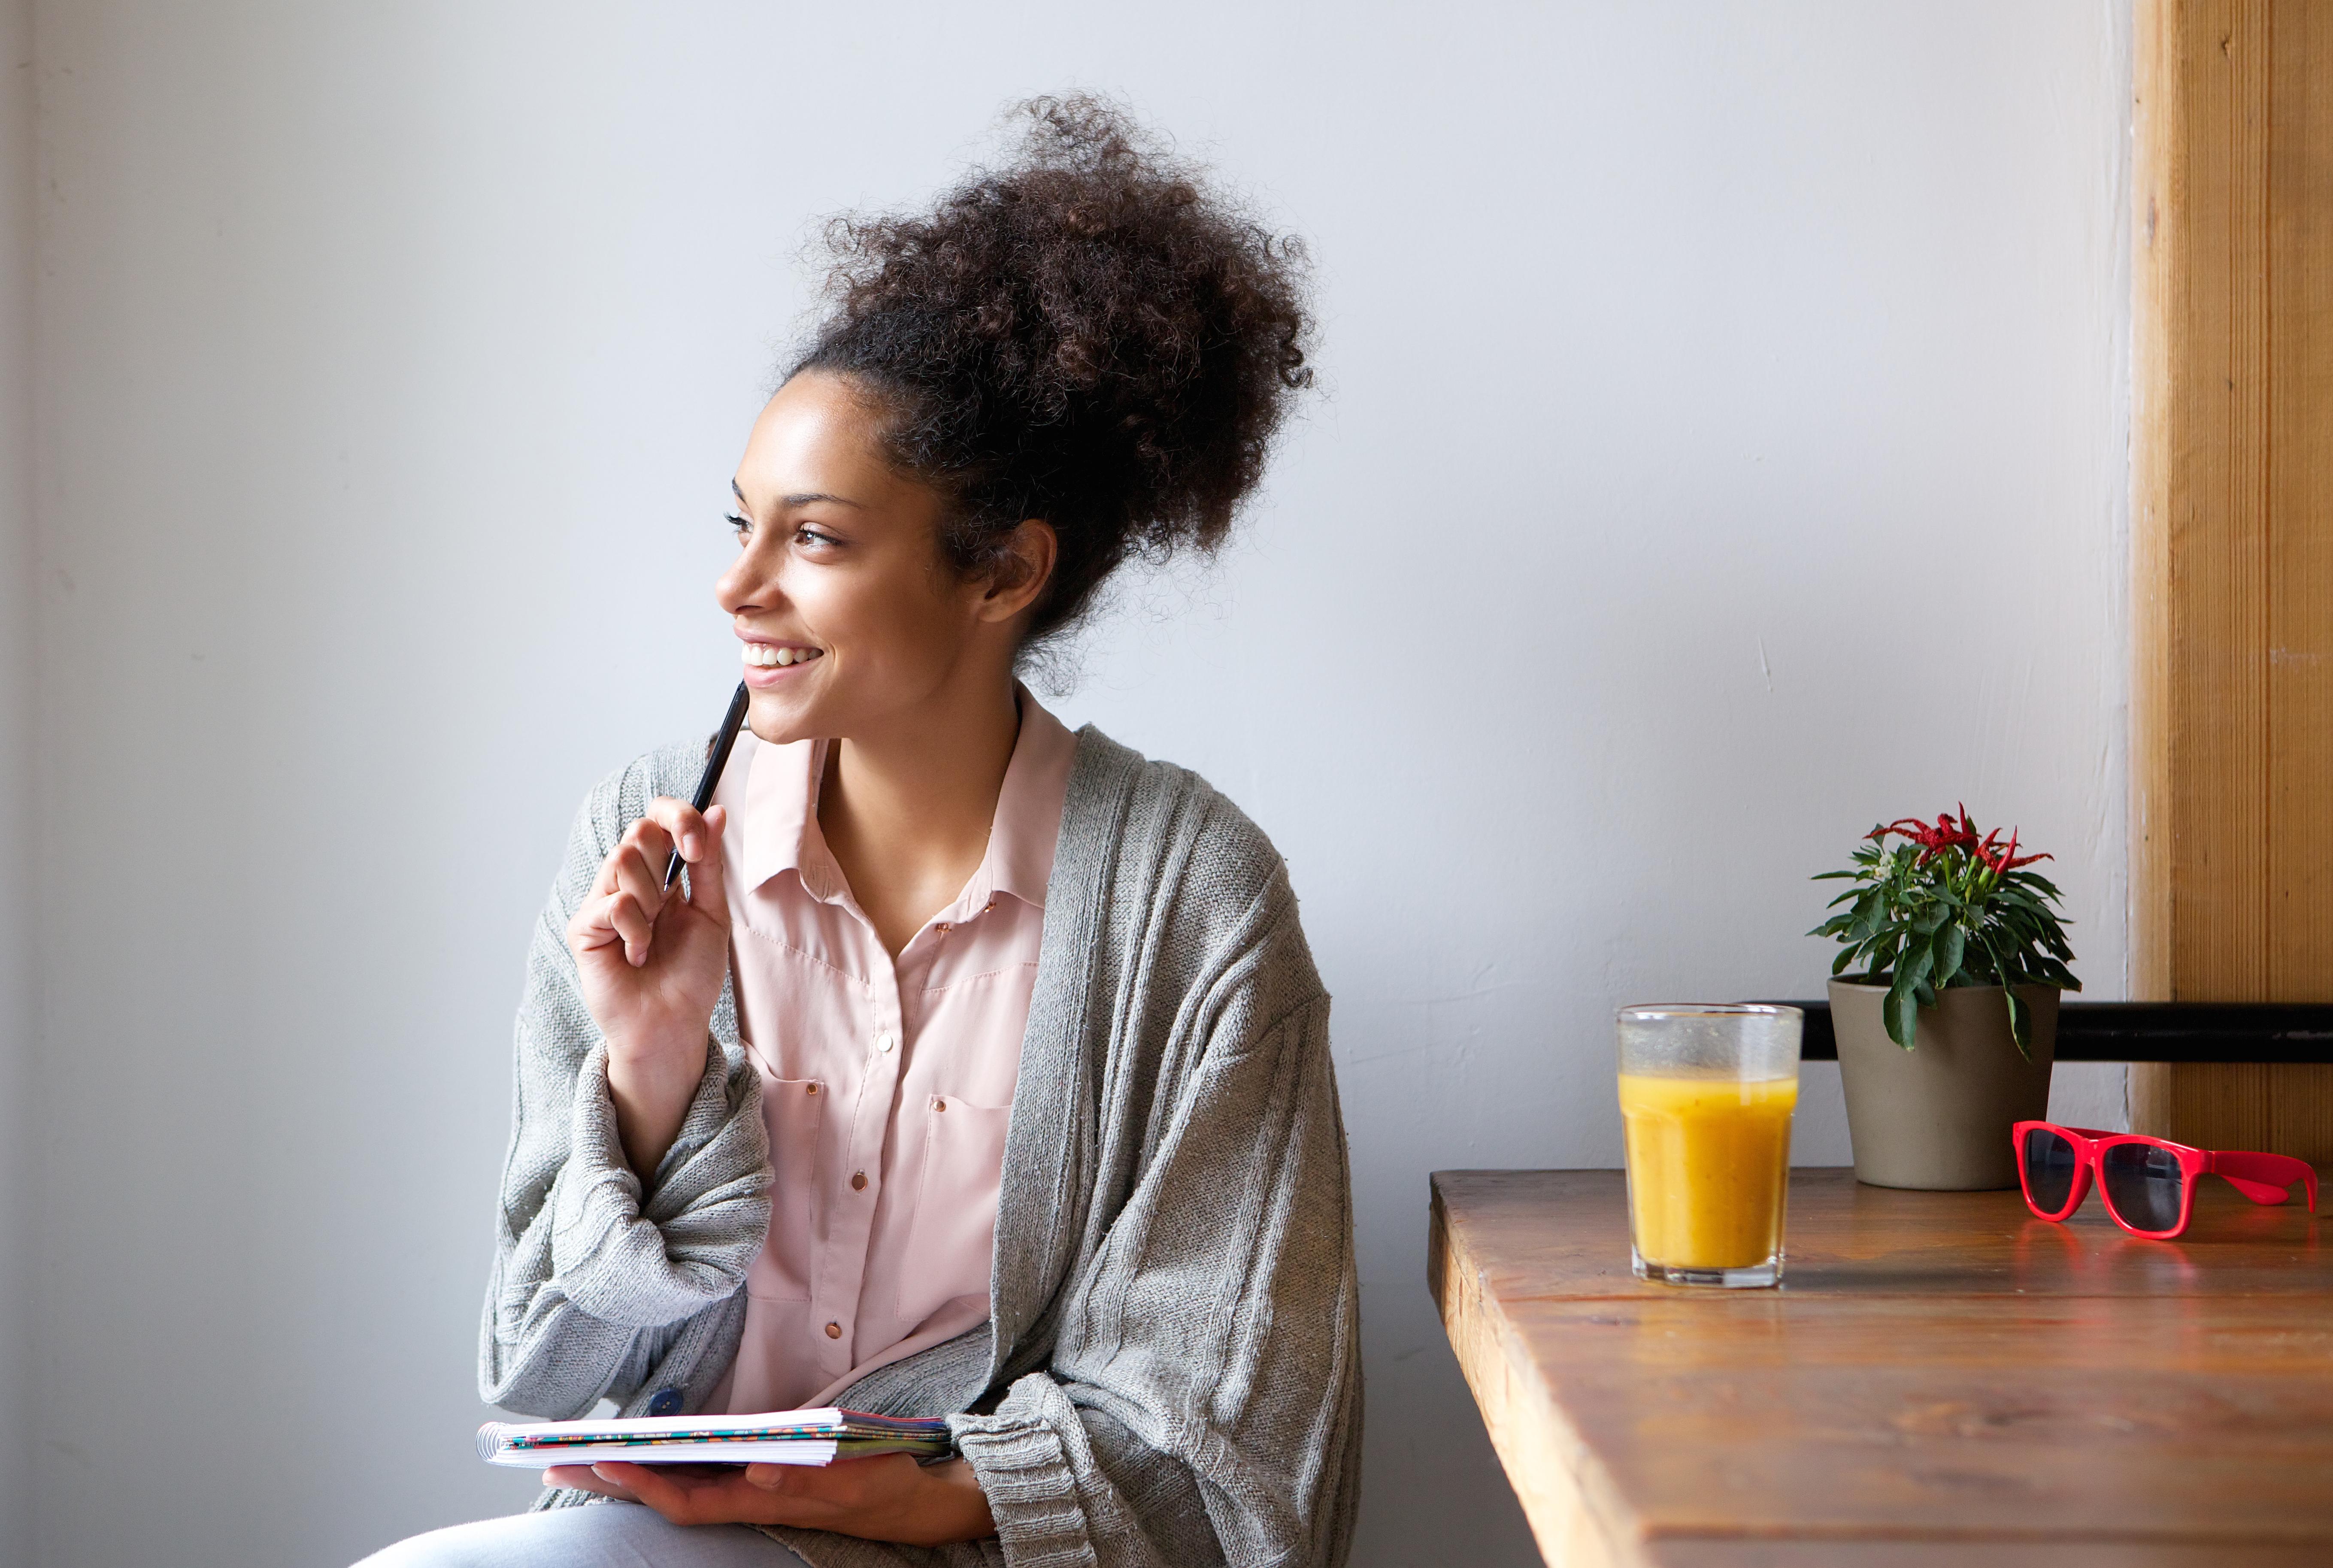 imagem_horizontal_1_construir_disciplina_financeira mulher bonita pensando com um caderno na mão olhando para o horizonte